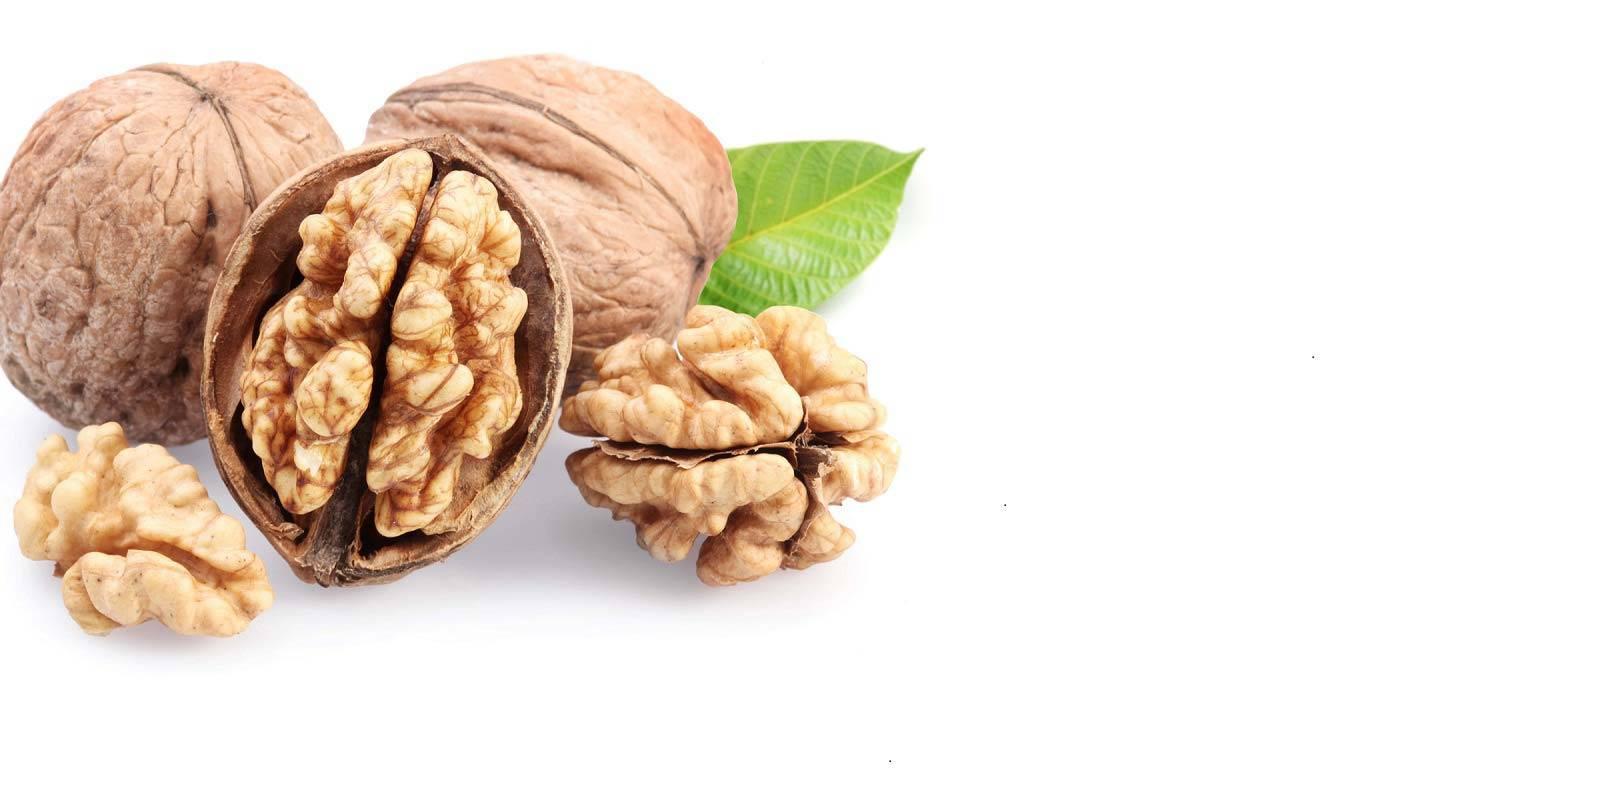 Можно ли есть беременным орех макадамия: польза и вред для женщин во время разных триместров, суточная дозировка, а также полезные свойства шелухи данного продукта